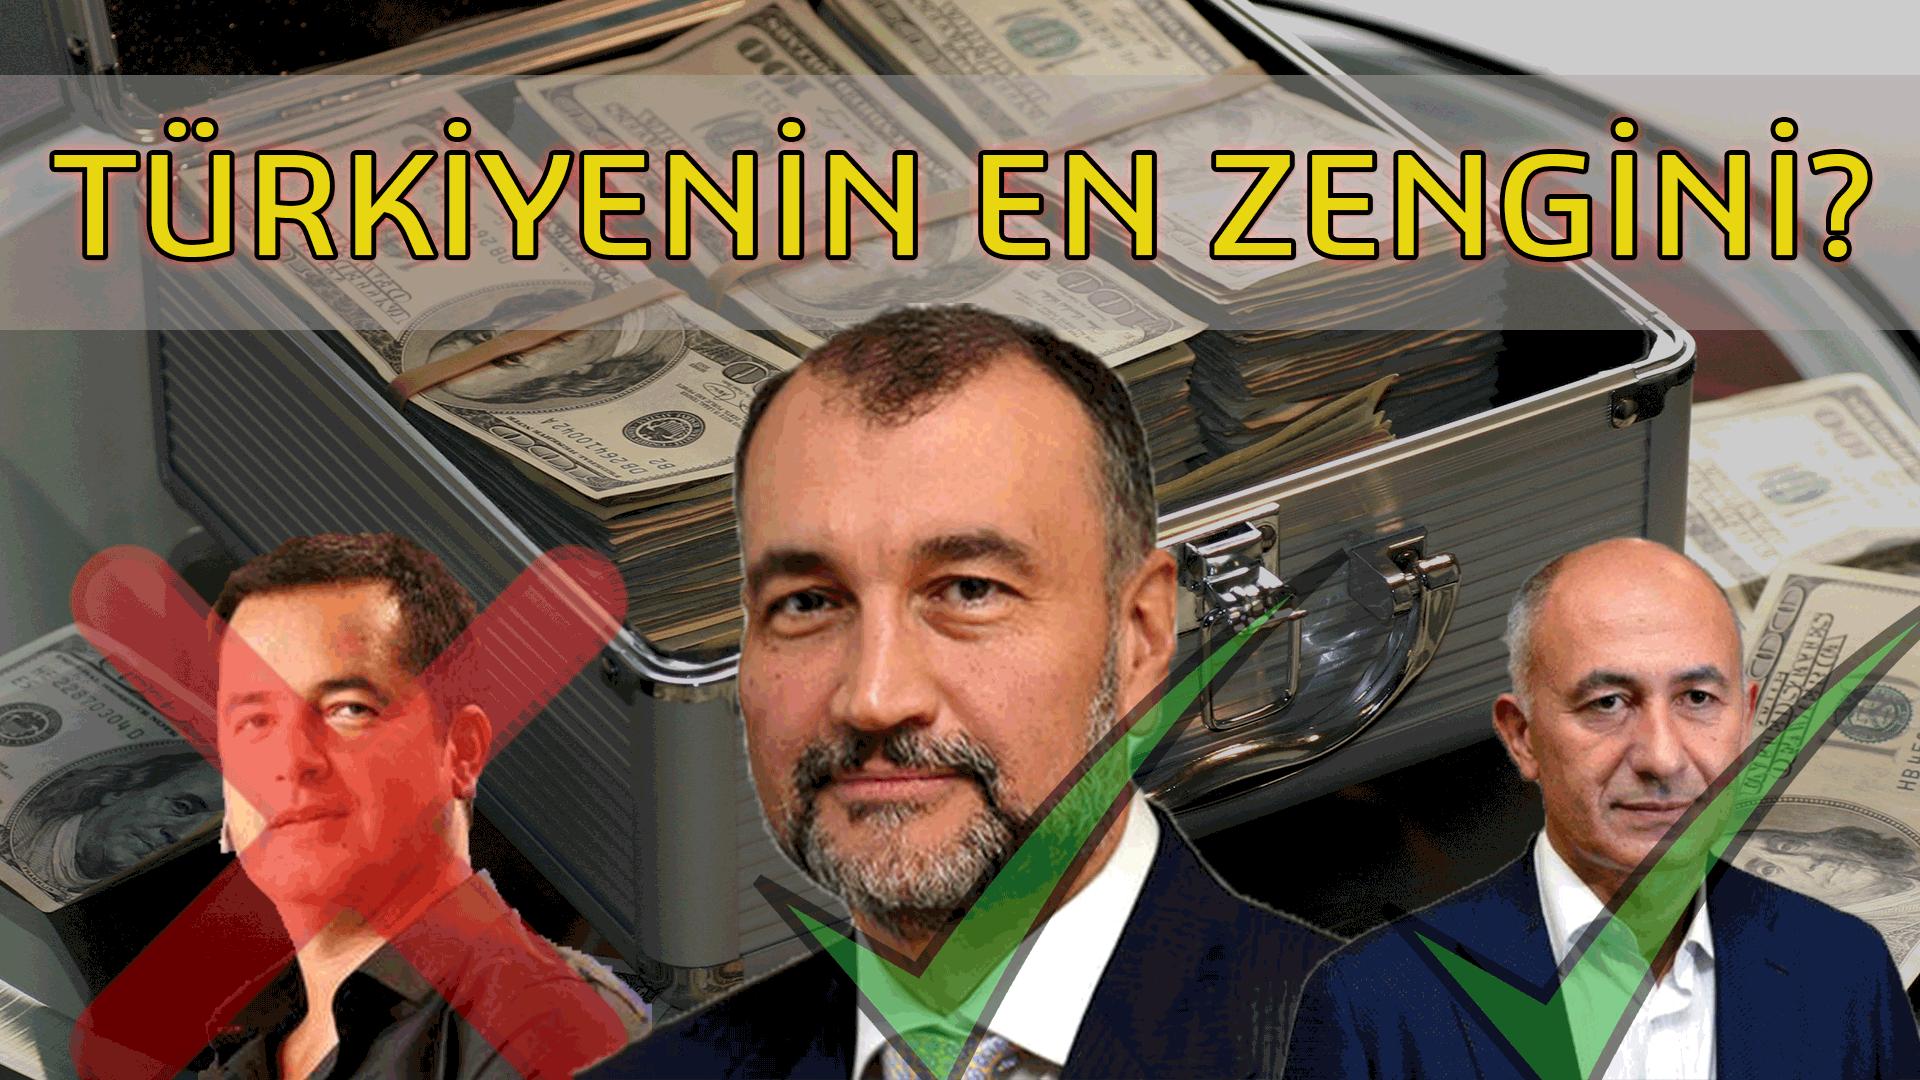 turkiyenin-en-zengin-10-insani-2020